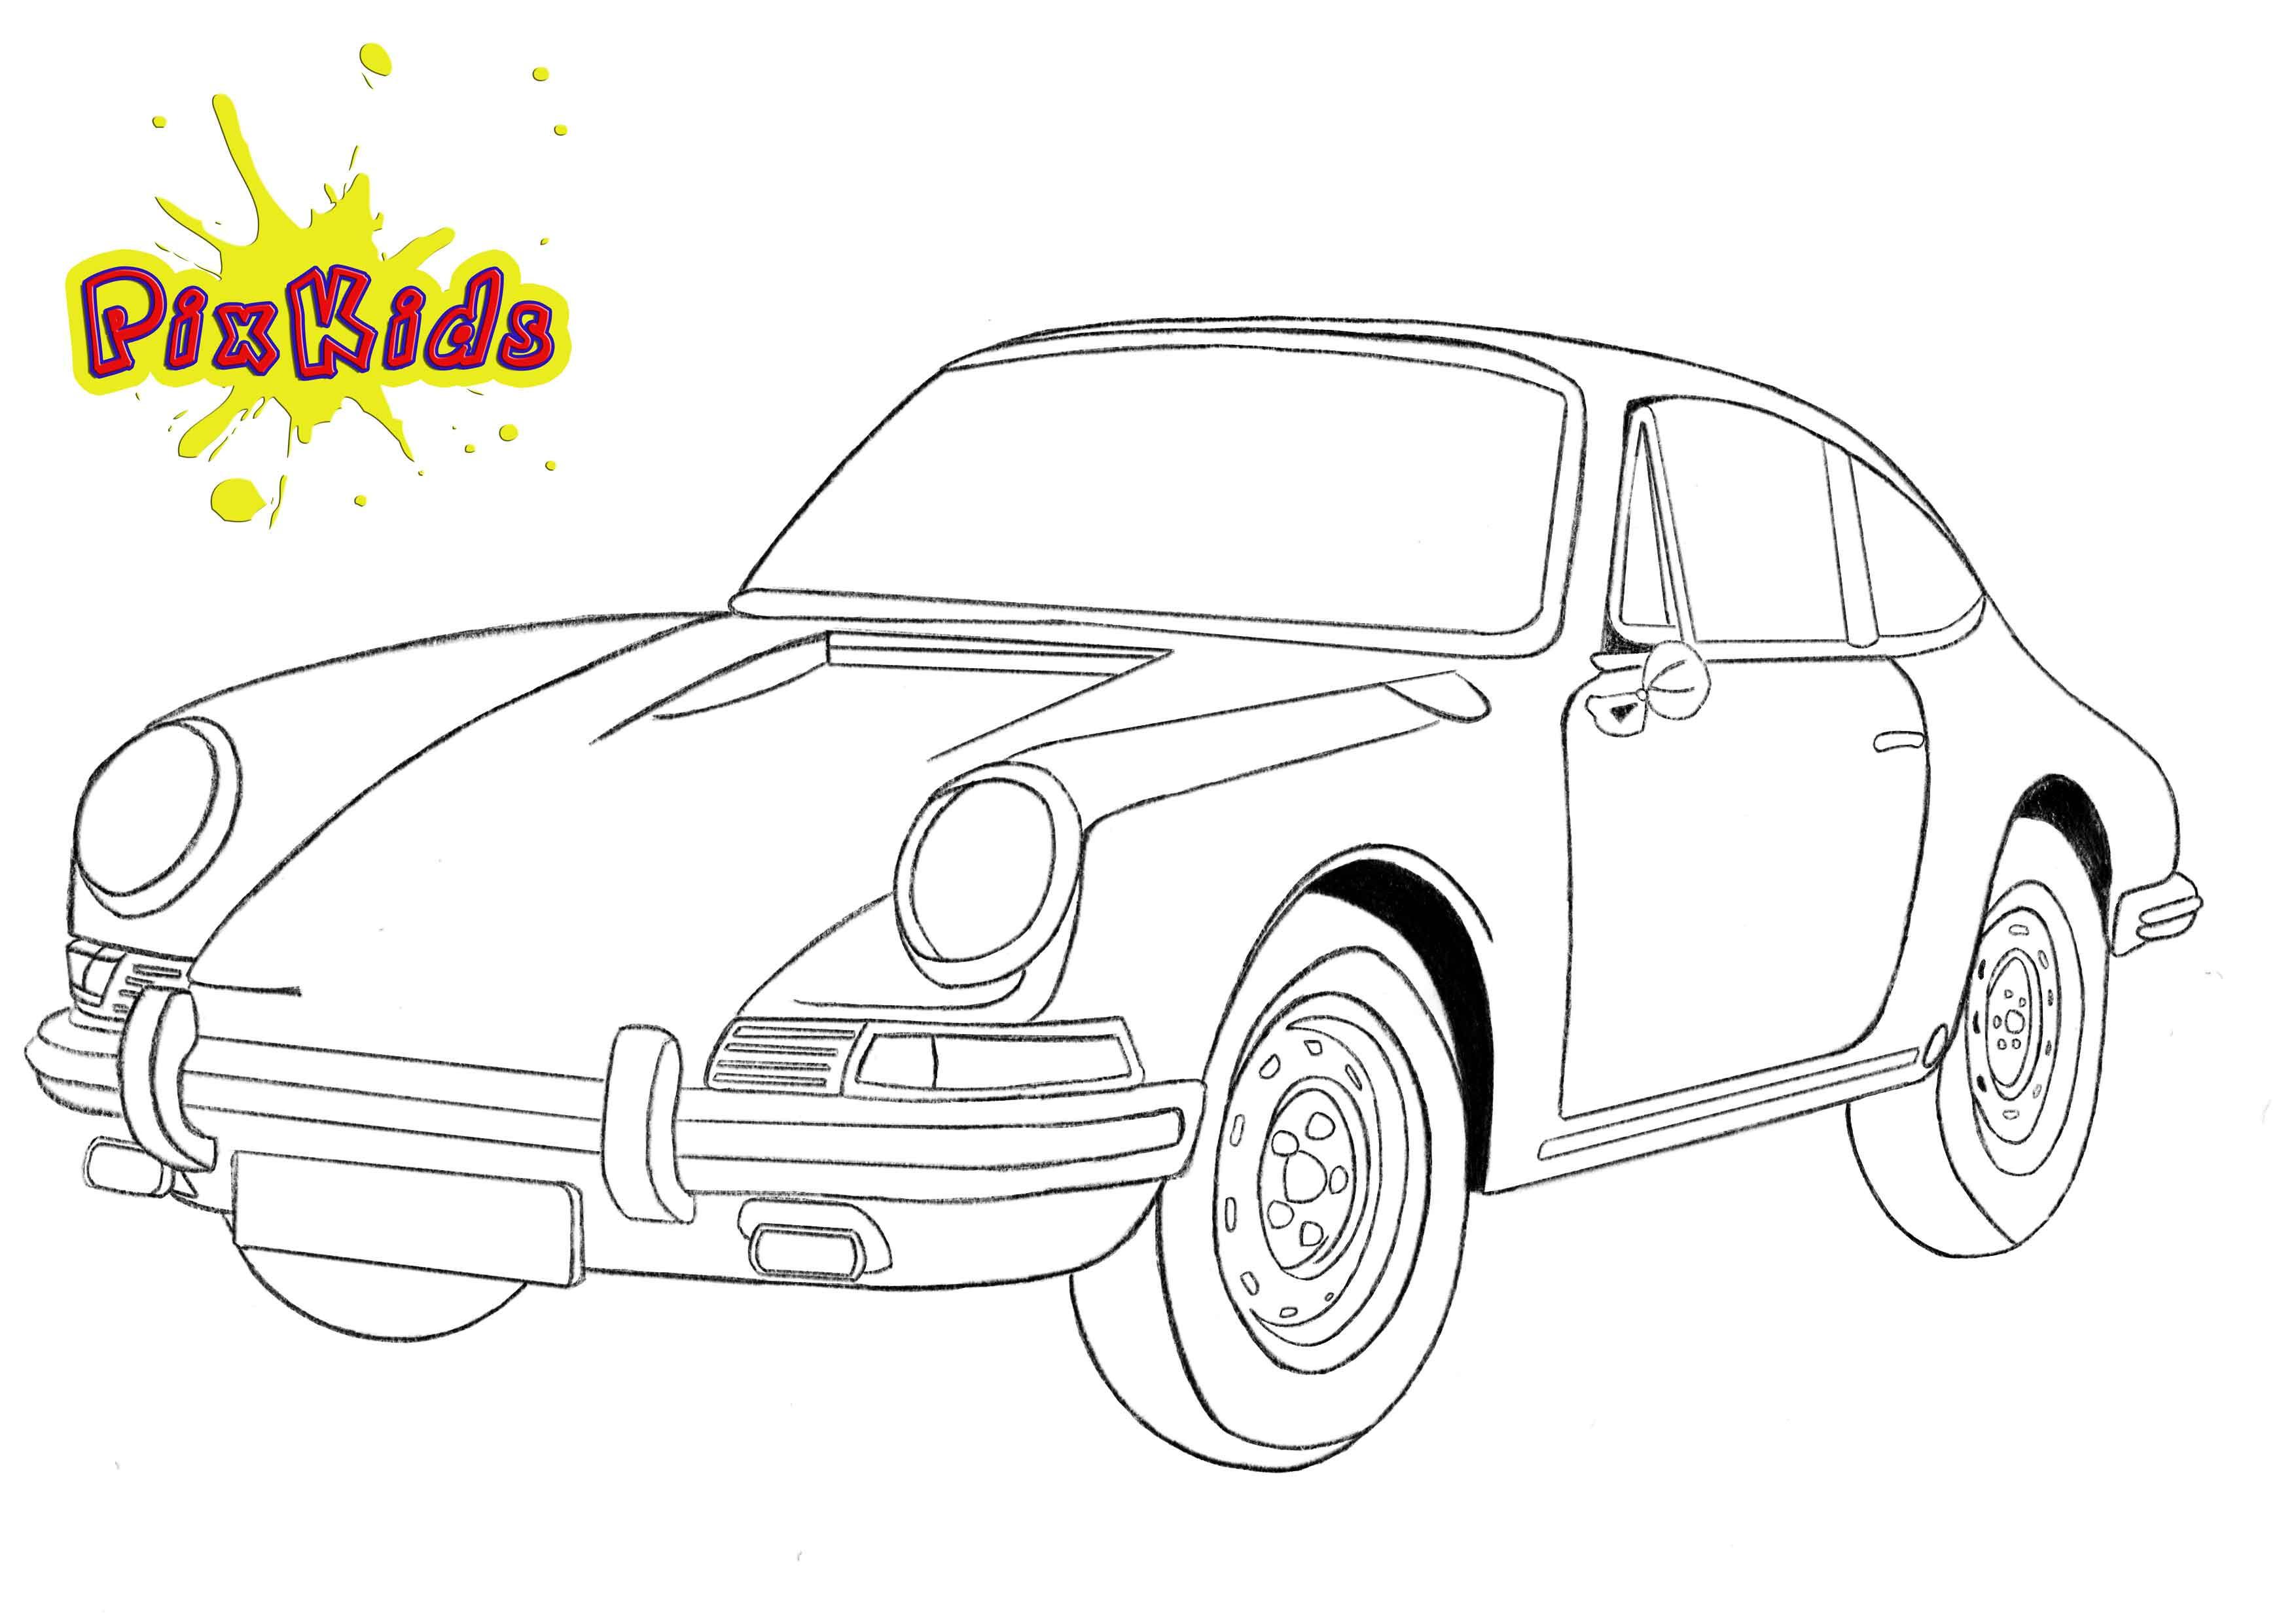 Ausmalbilder Porsche 911 Inspirierend Ausmalbilder Porsche 911 Malvorlage Porsche Panamera Turbo 1 Bild